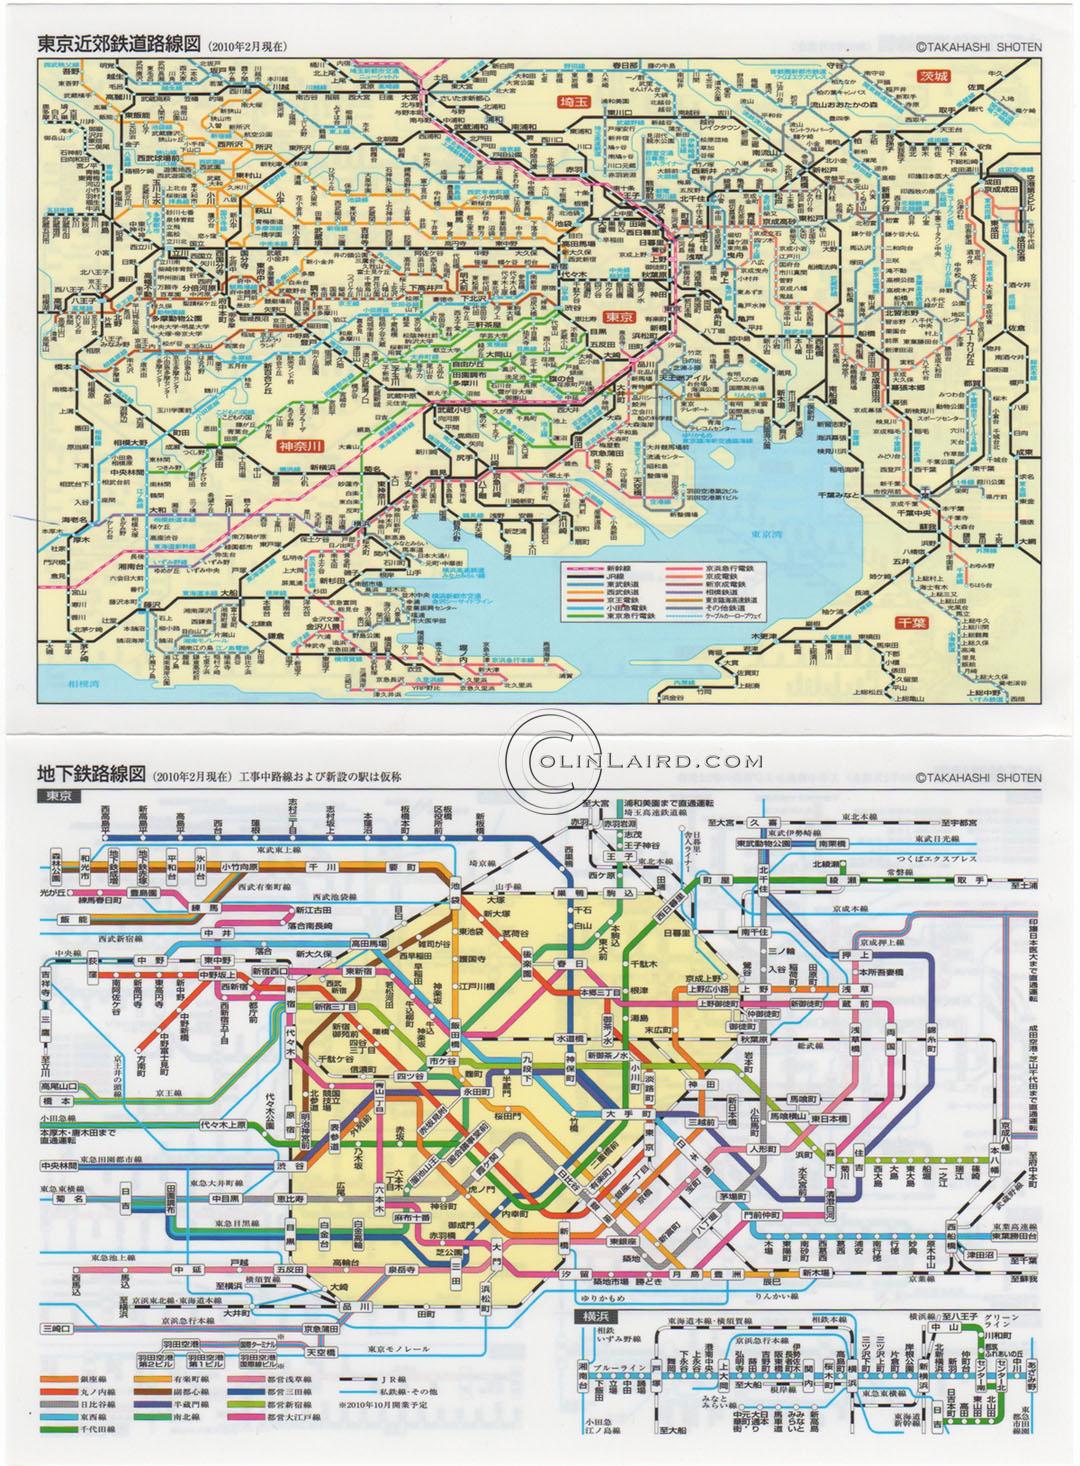 Ever see a Tokyo Train Map colinlairdcom